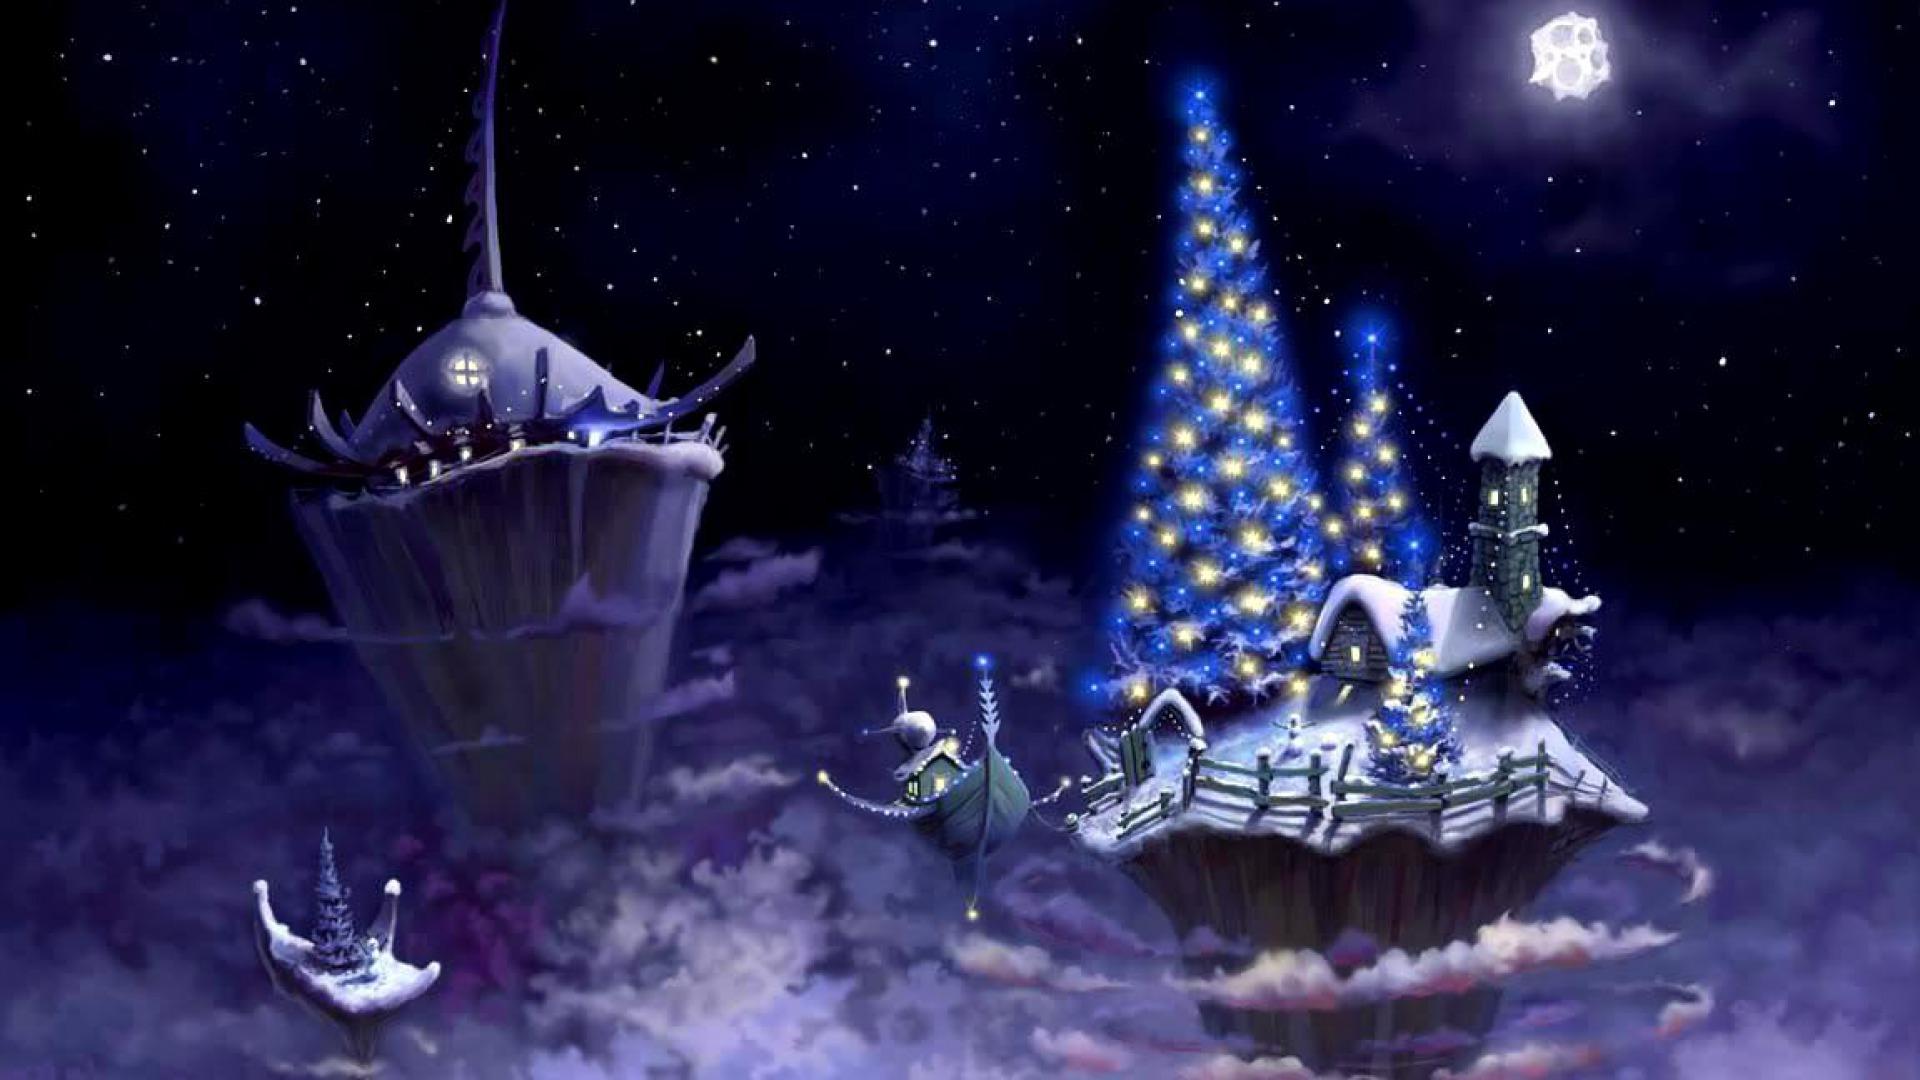 Bộ Sưu Tập Ảnh Giáng Sinh - Page 4 03423